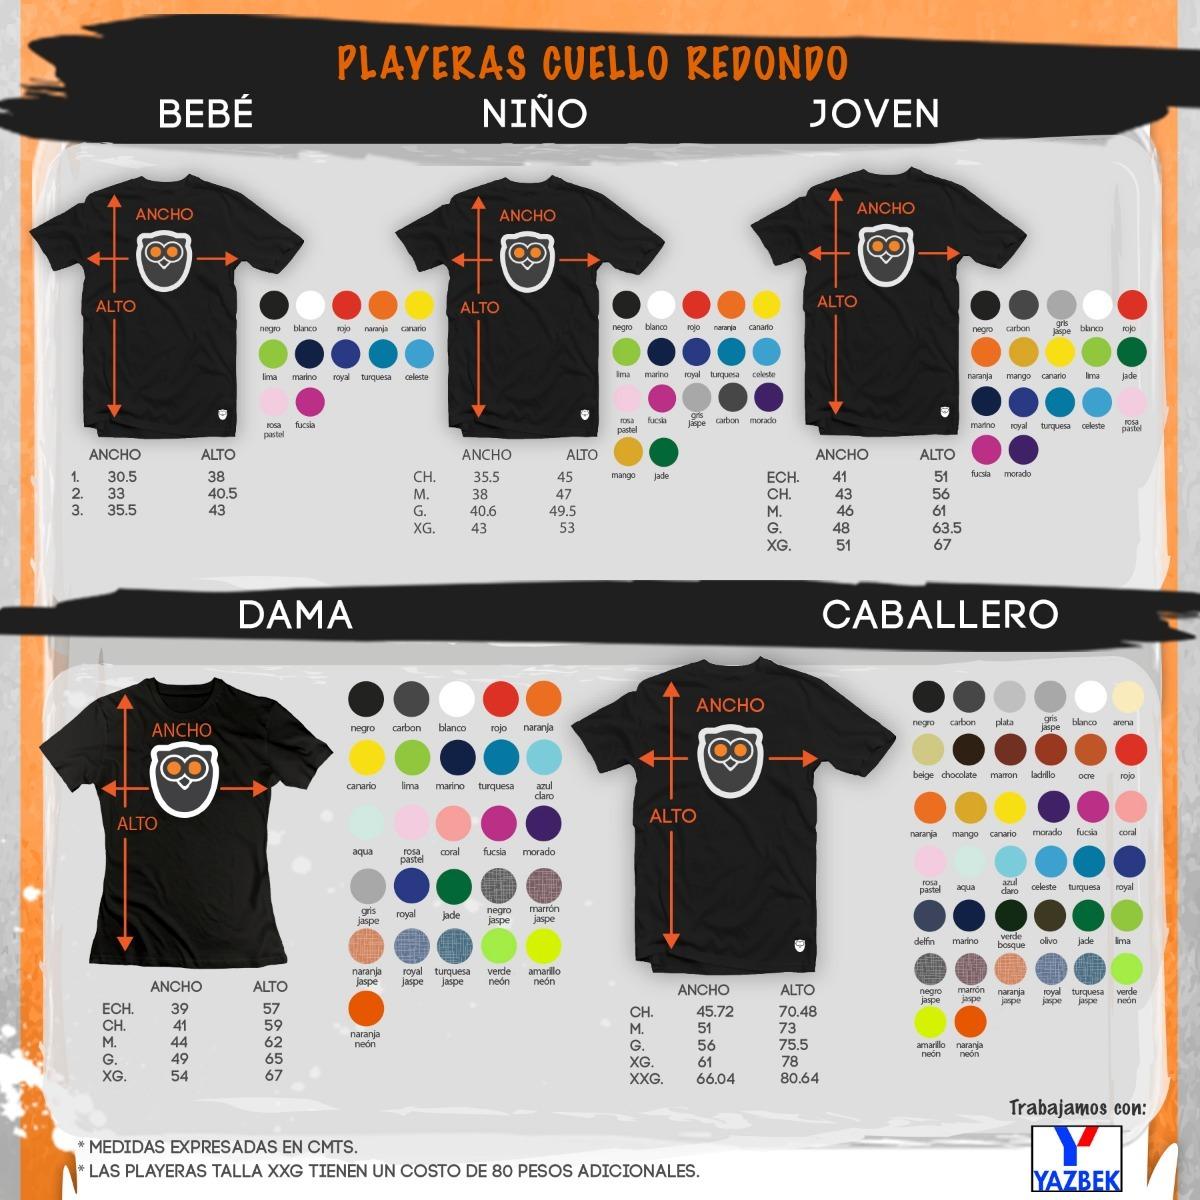 90dbc3b6af5ee playeras yazbek originales algodon 40 colores disponibles!!! Cargando zoom.